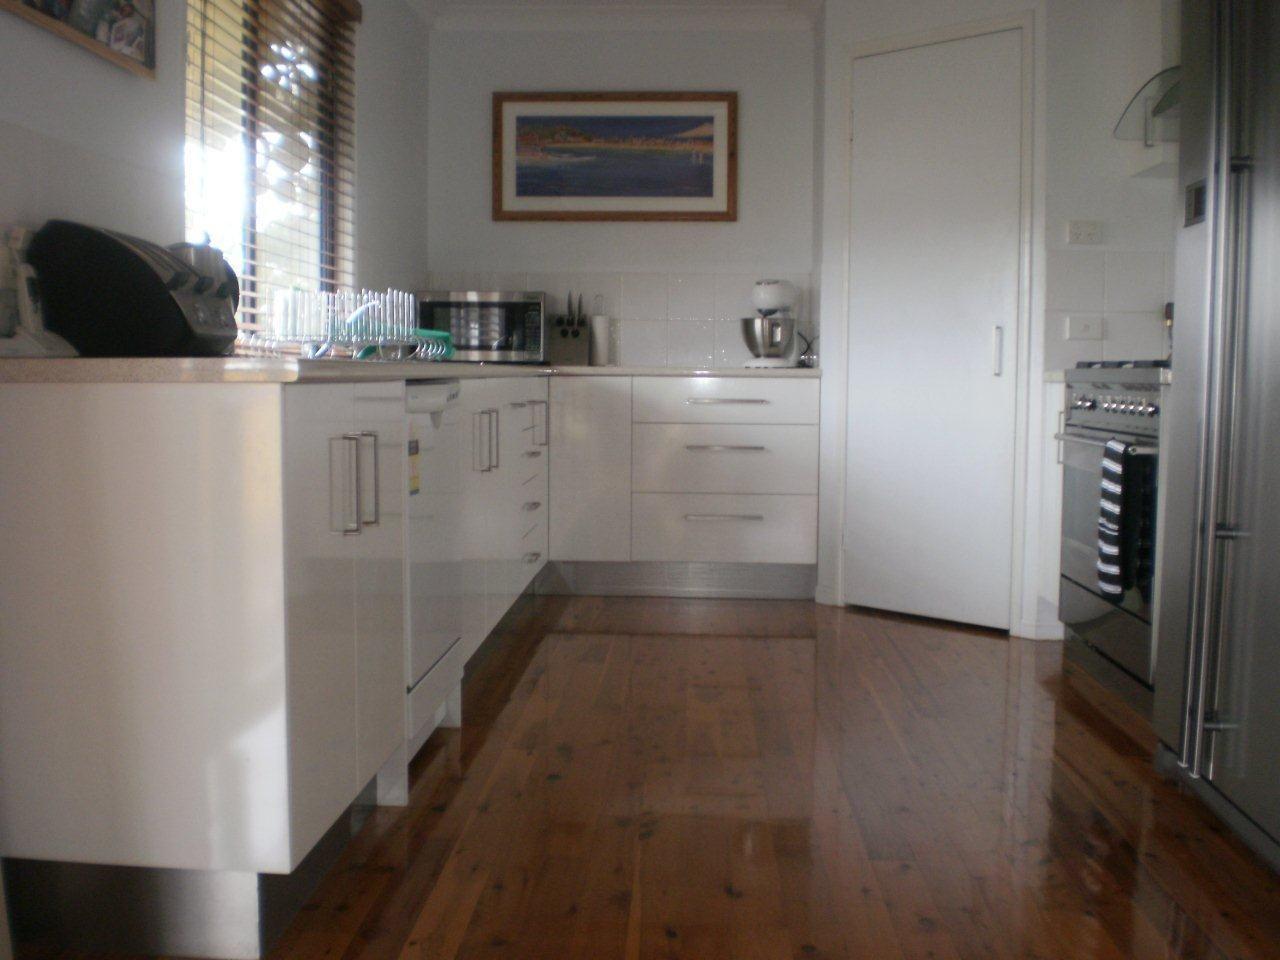 Elegant Kickboards for Kitchen Cabinets